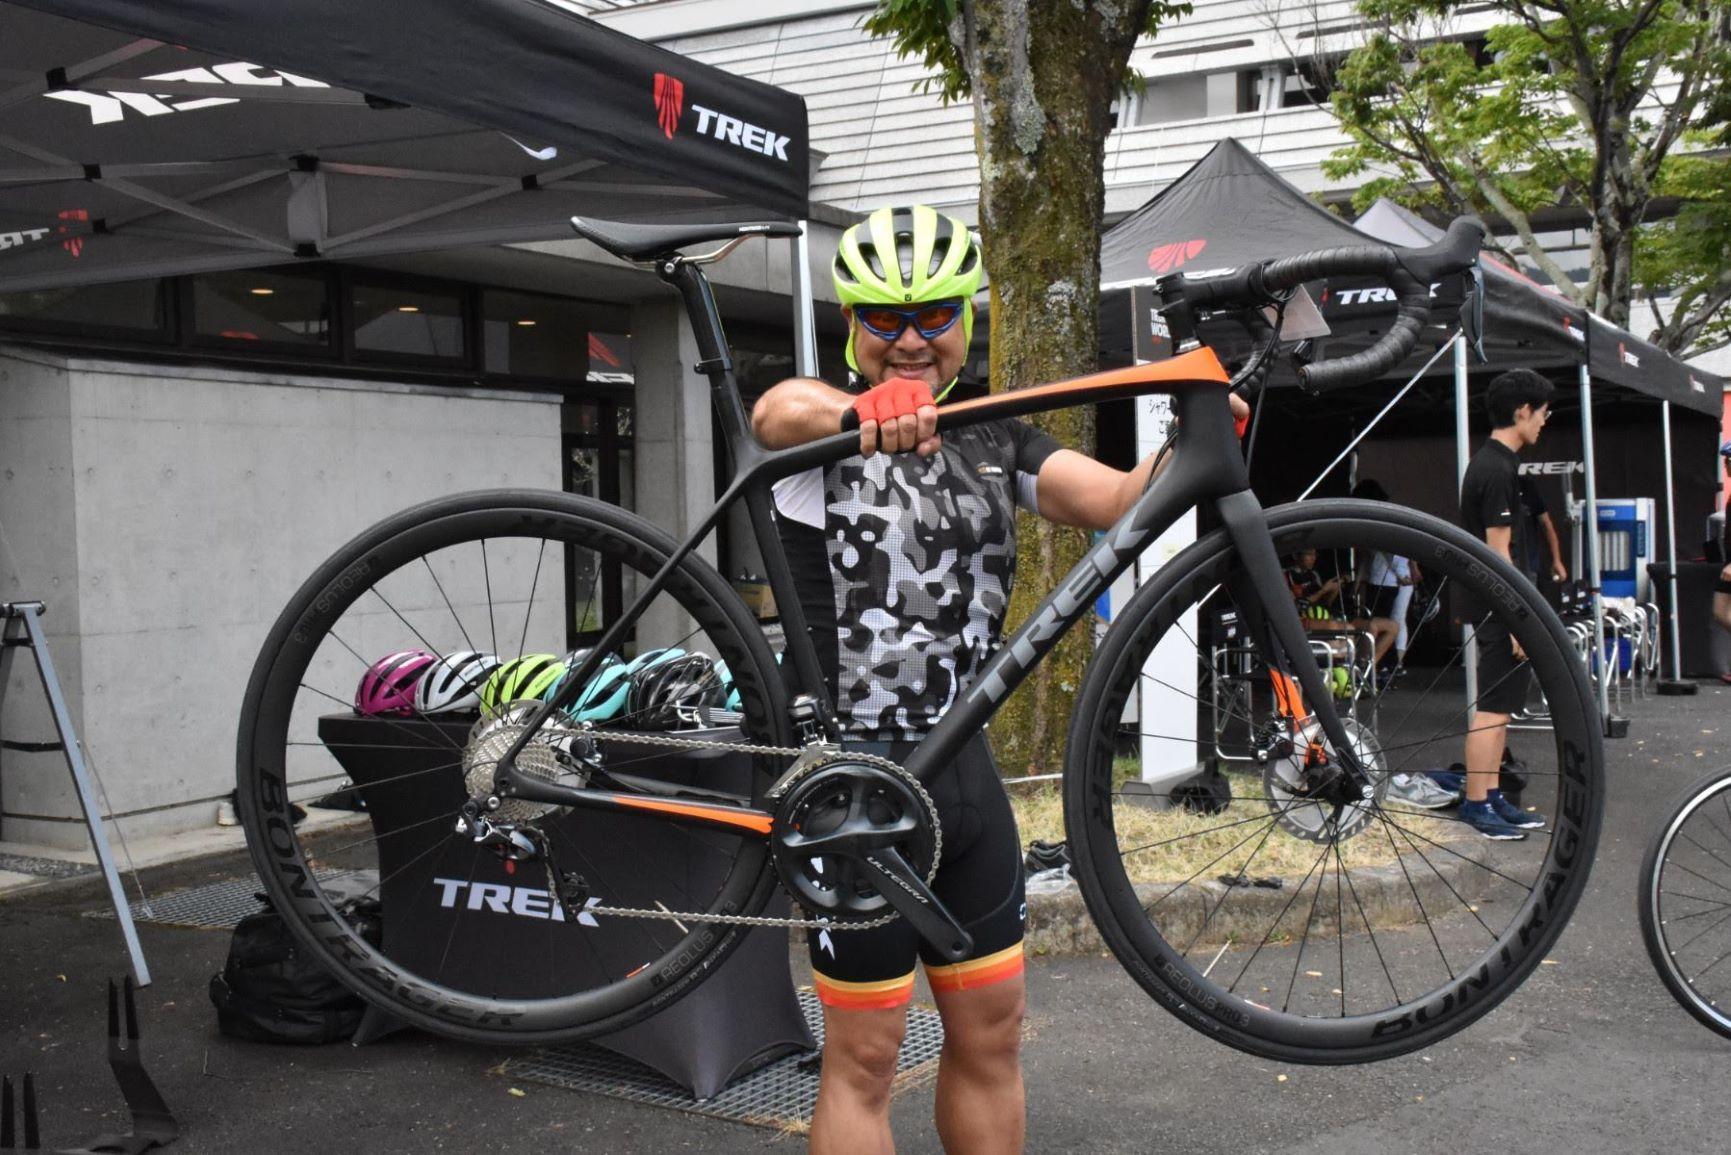 【2019年モデル】新型 Ēmonda SLR 7 Discに乗ってみた!   TREK Bicycle ...